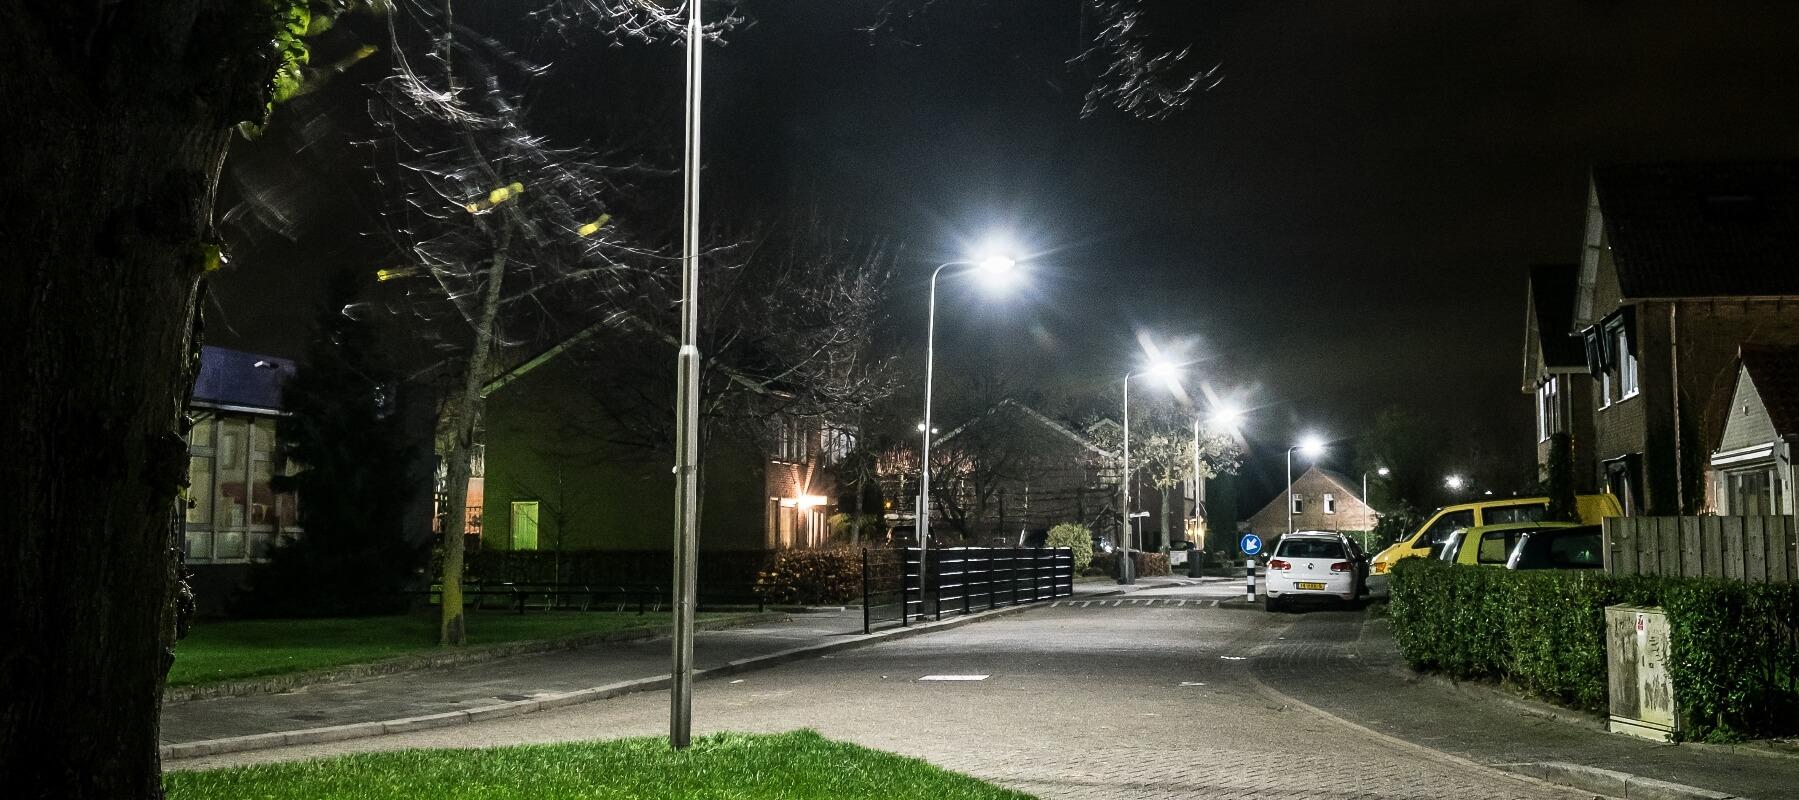 http://buro-33.nl/onewebmedia/Openbare-verlichting-Oss-1.jpg